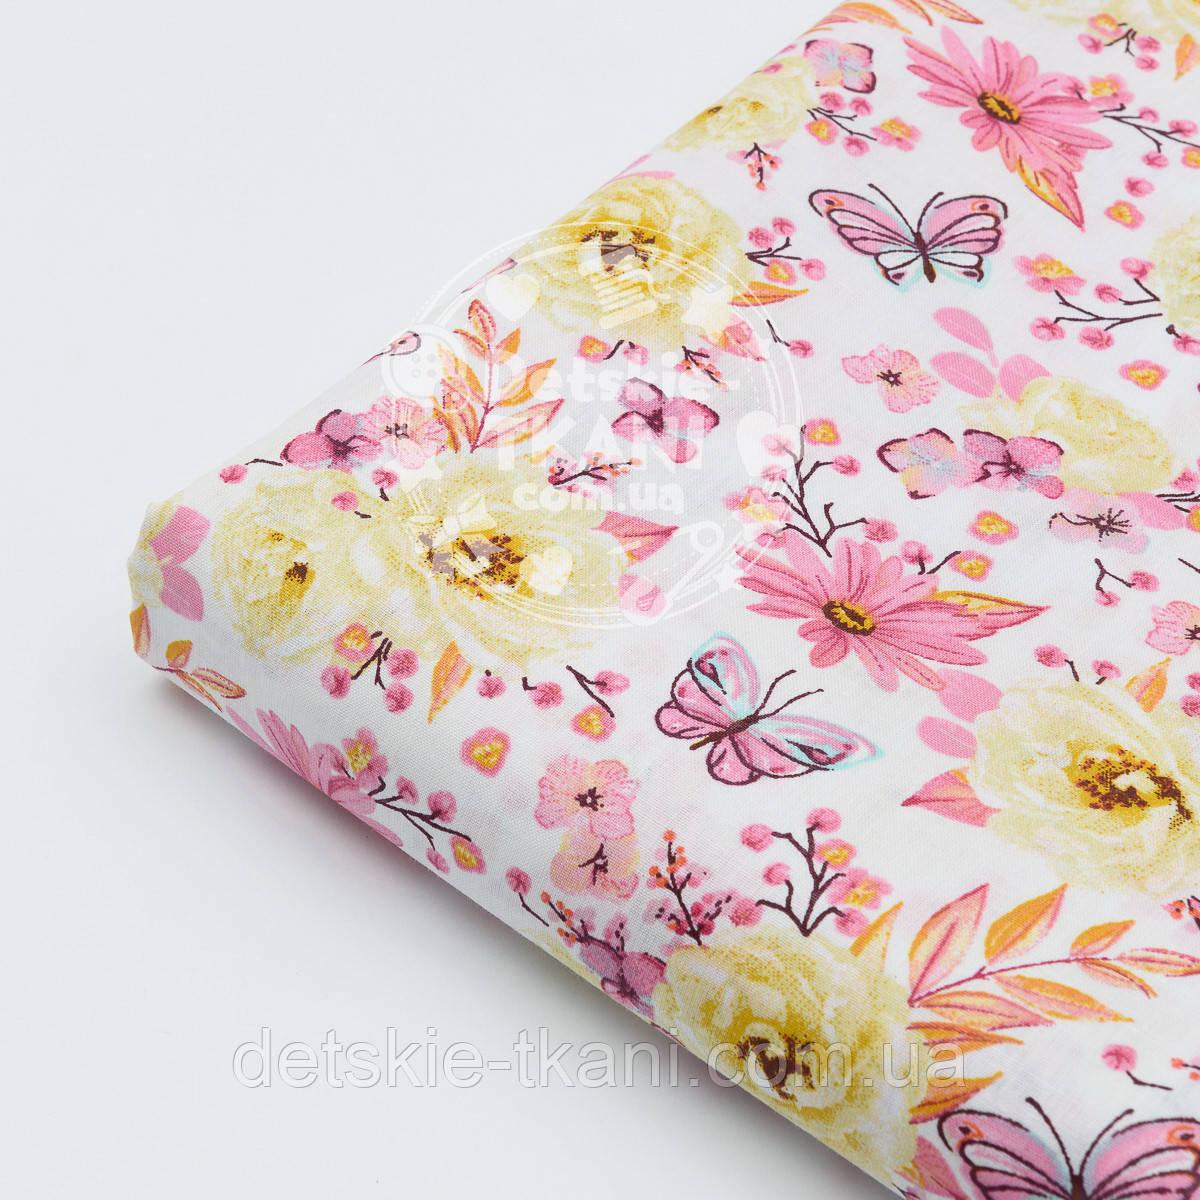 """Лоскут ткани """"Цветочки среднего размера розовые и жёлтые с бабочками"""" № 1524а, размер 20*160 см"""